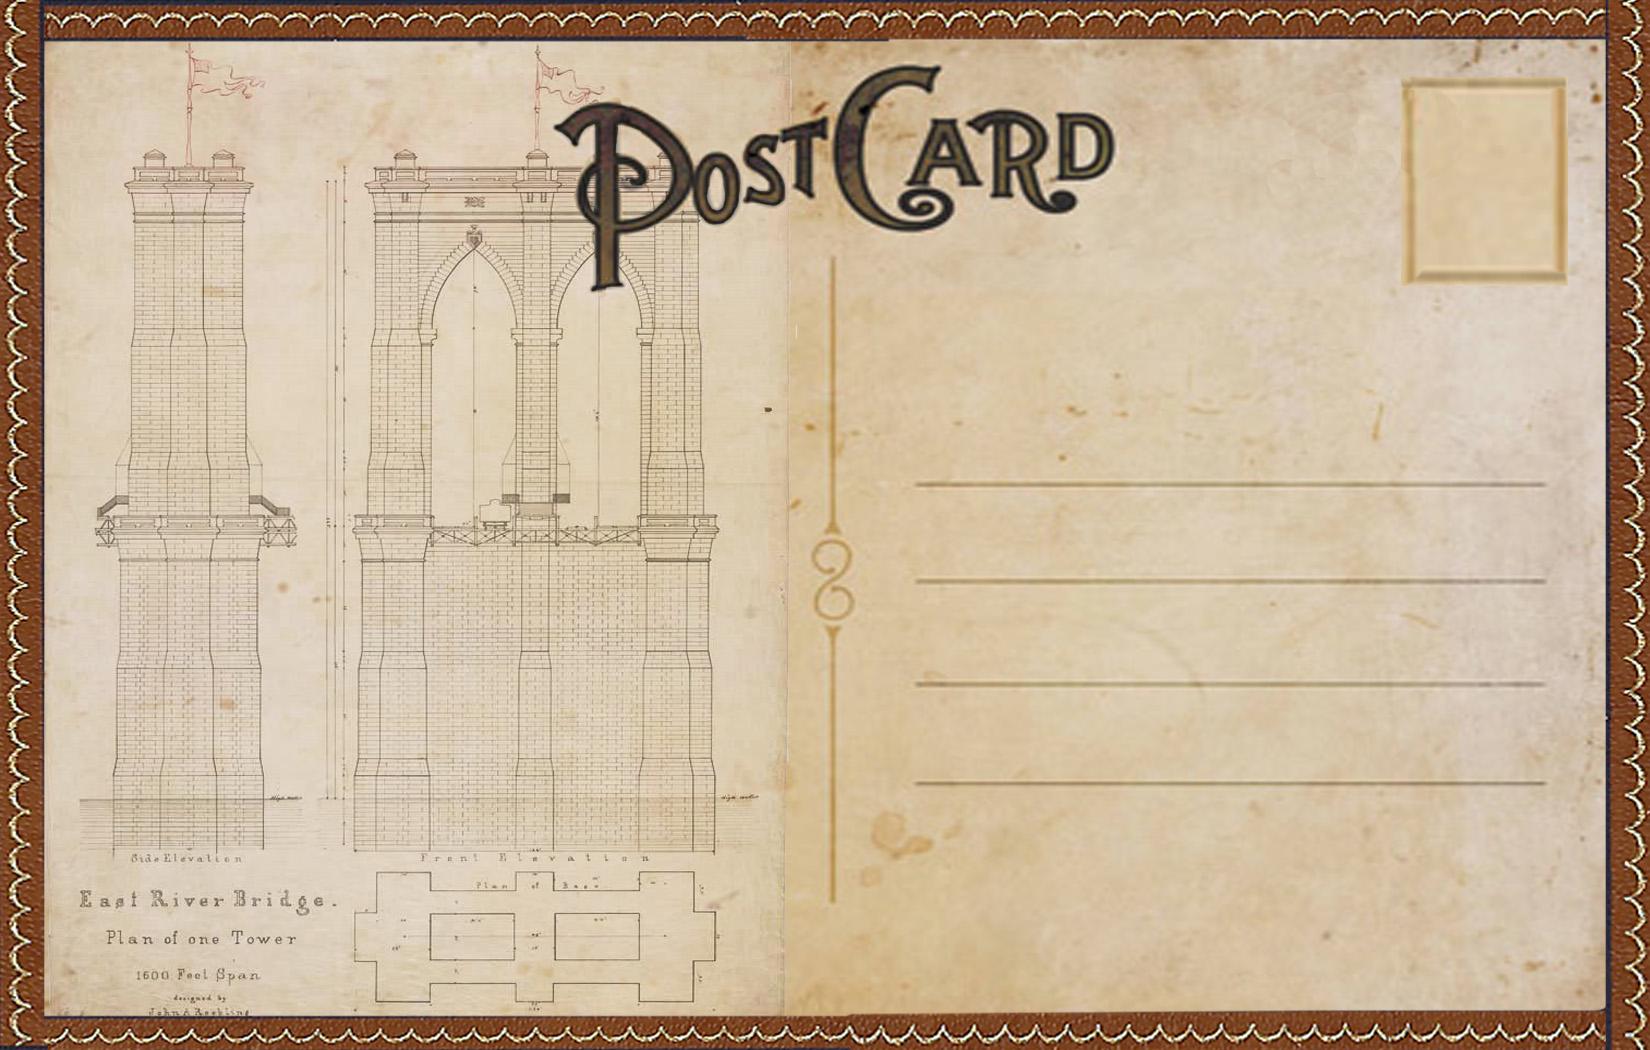 postcardback.jpg